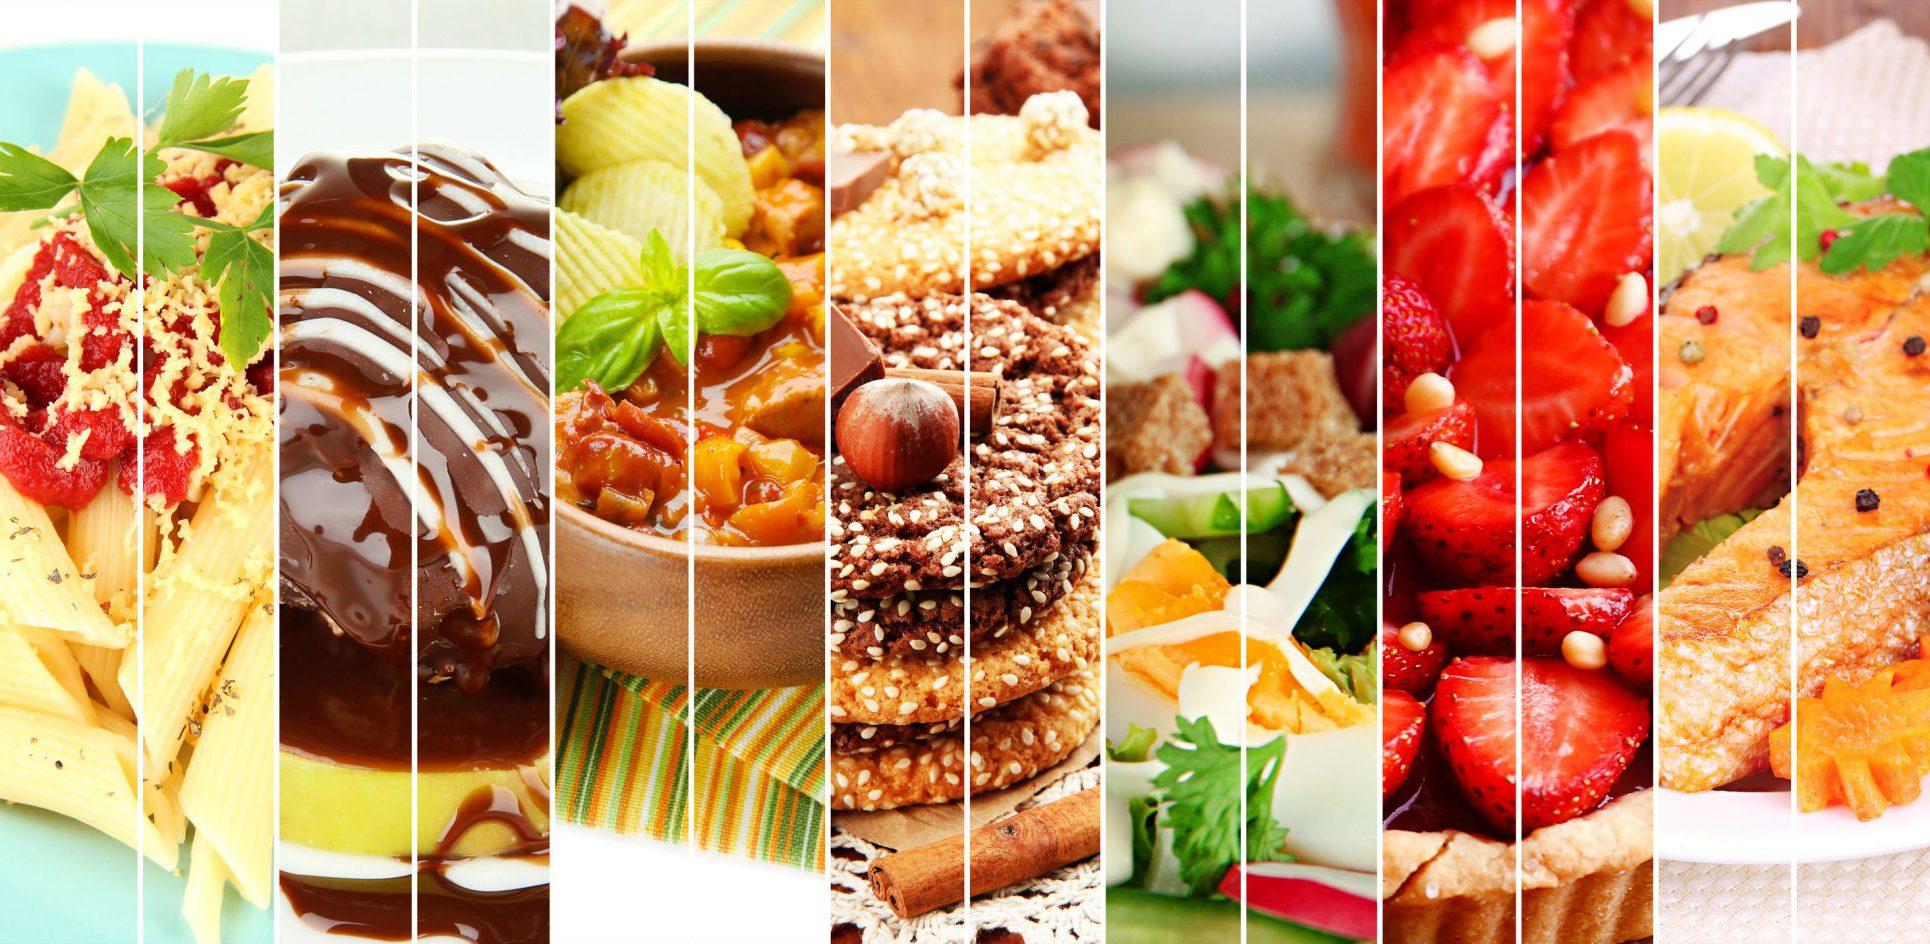 ده ماده غذایی اعتیادآور یا اعتیادآورتر از مواد مخدر را بشناسید